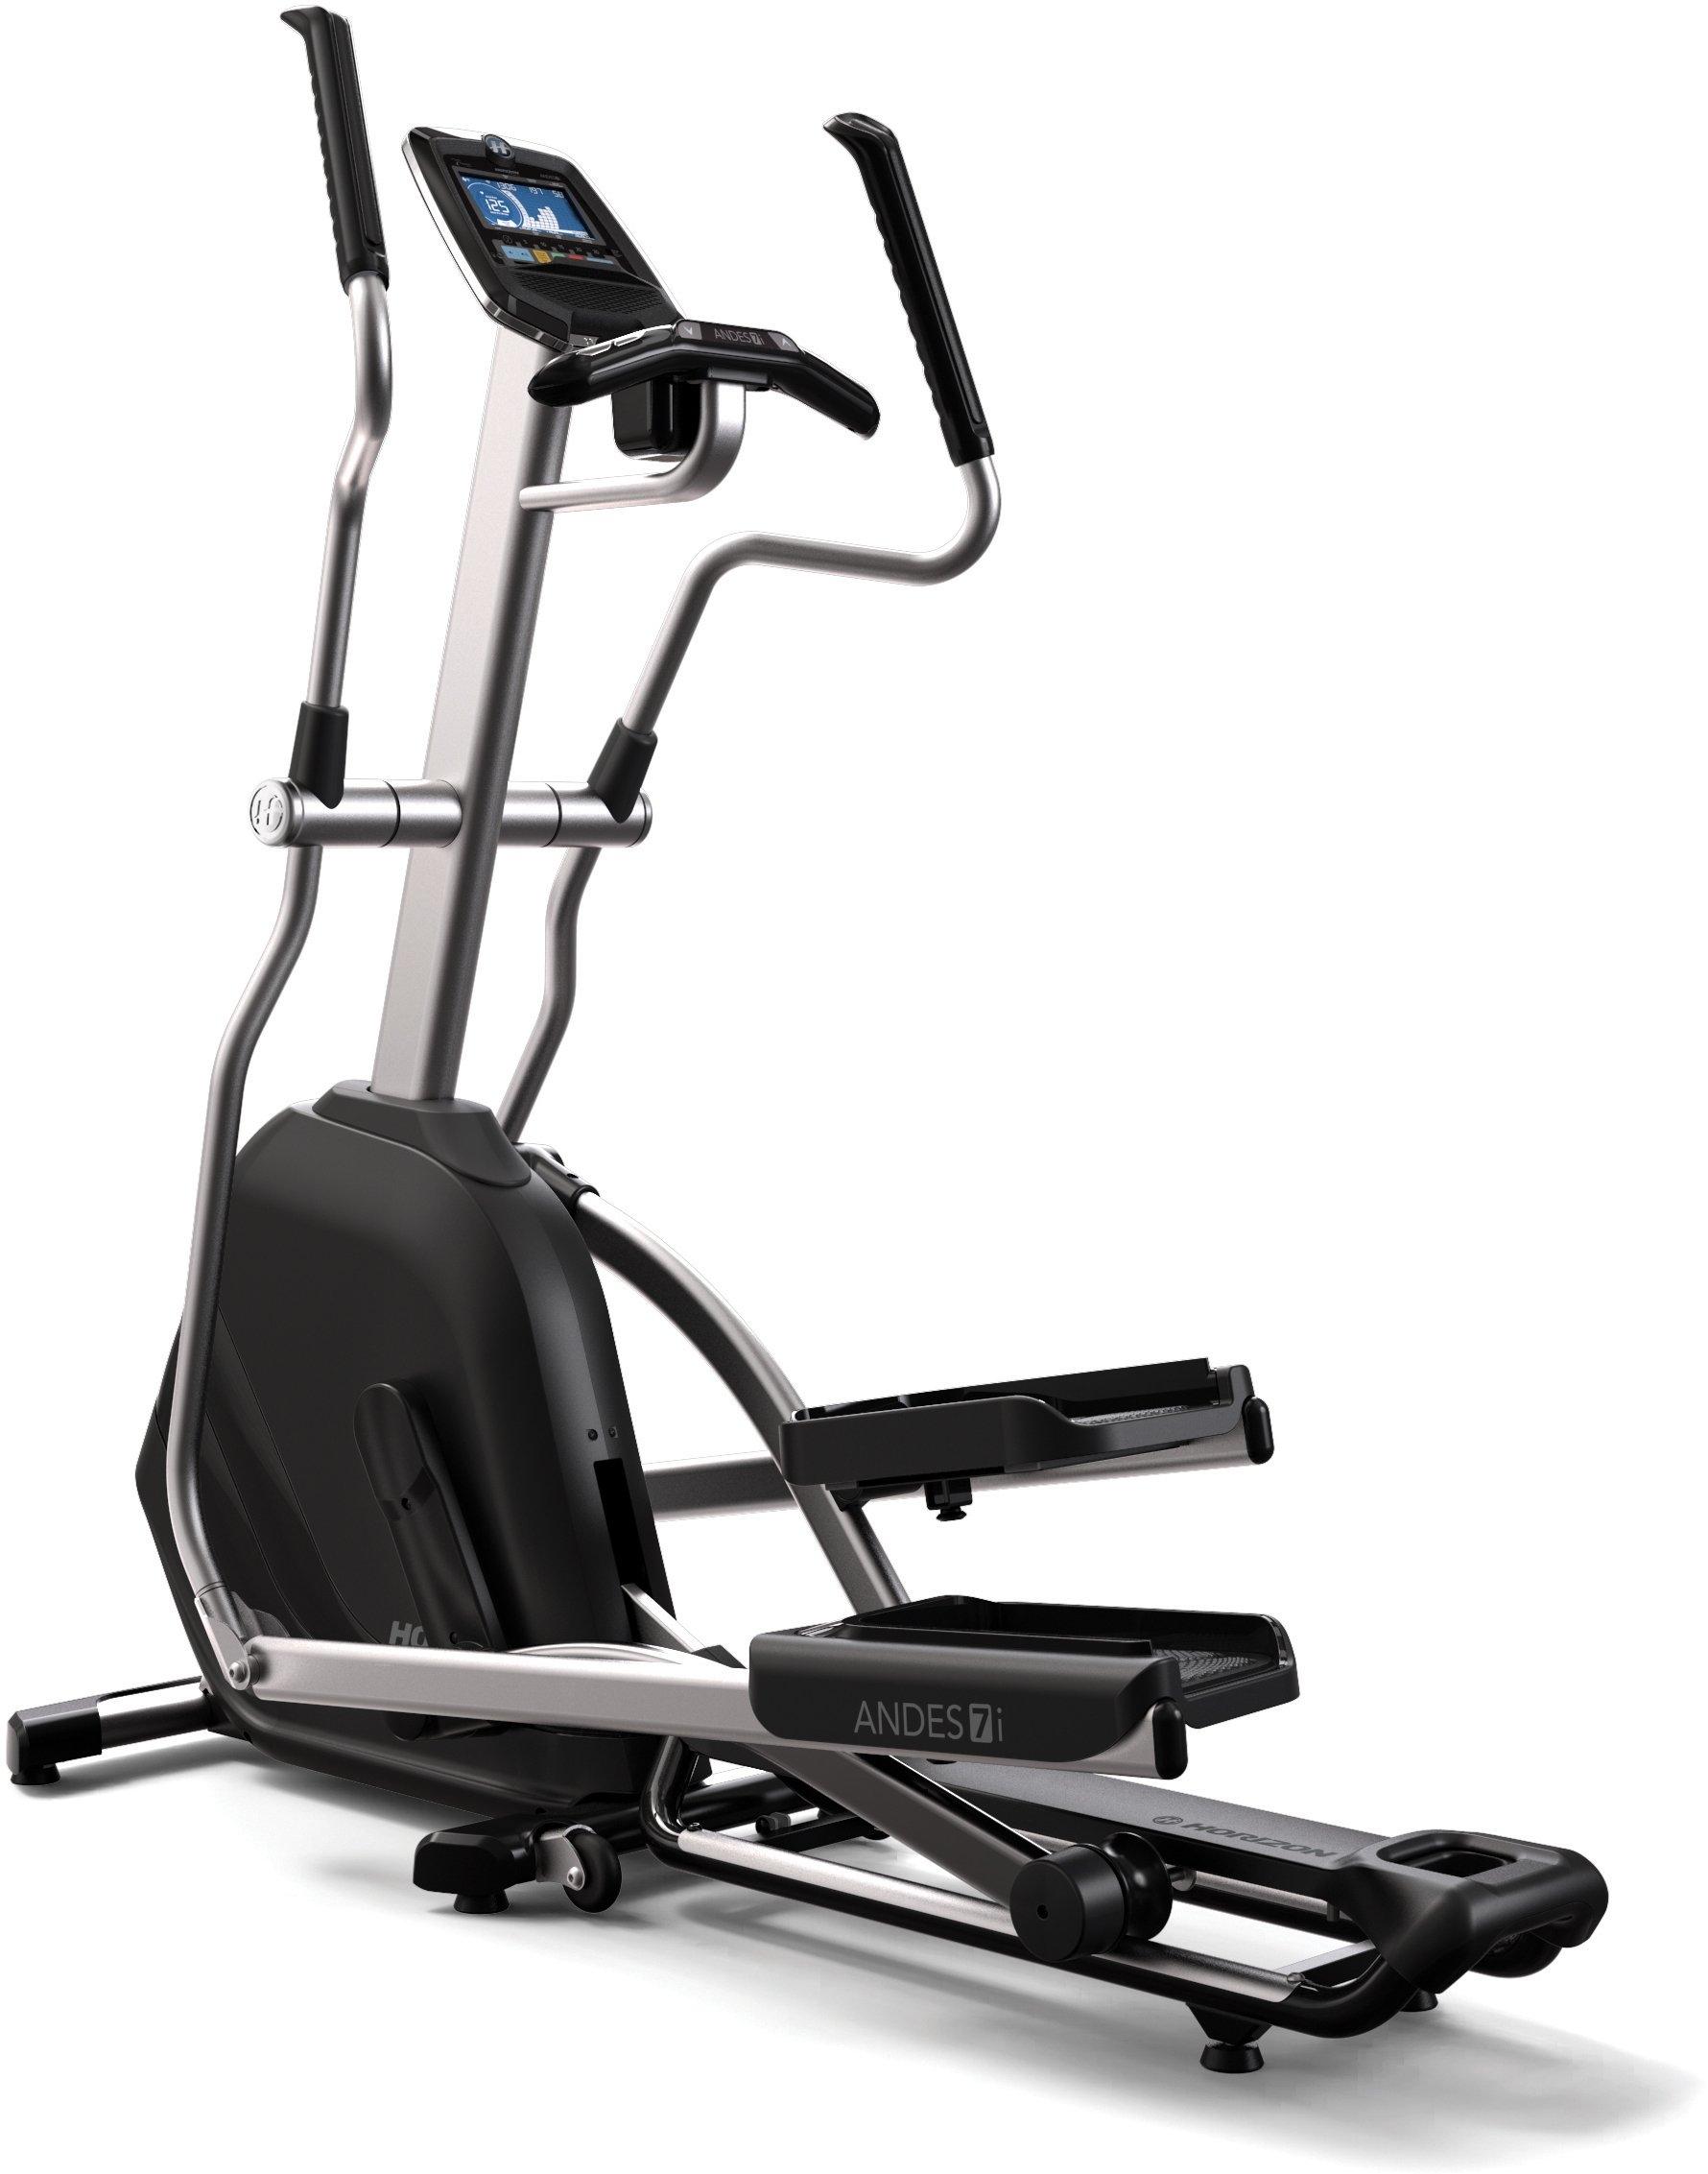 Horizon Fitness ergometer, »Andes 7i Viewfit« nu online bestellen